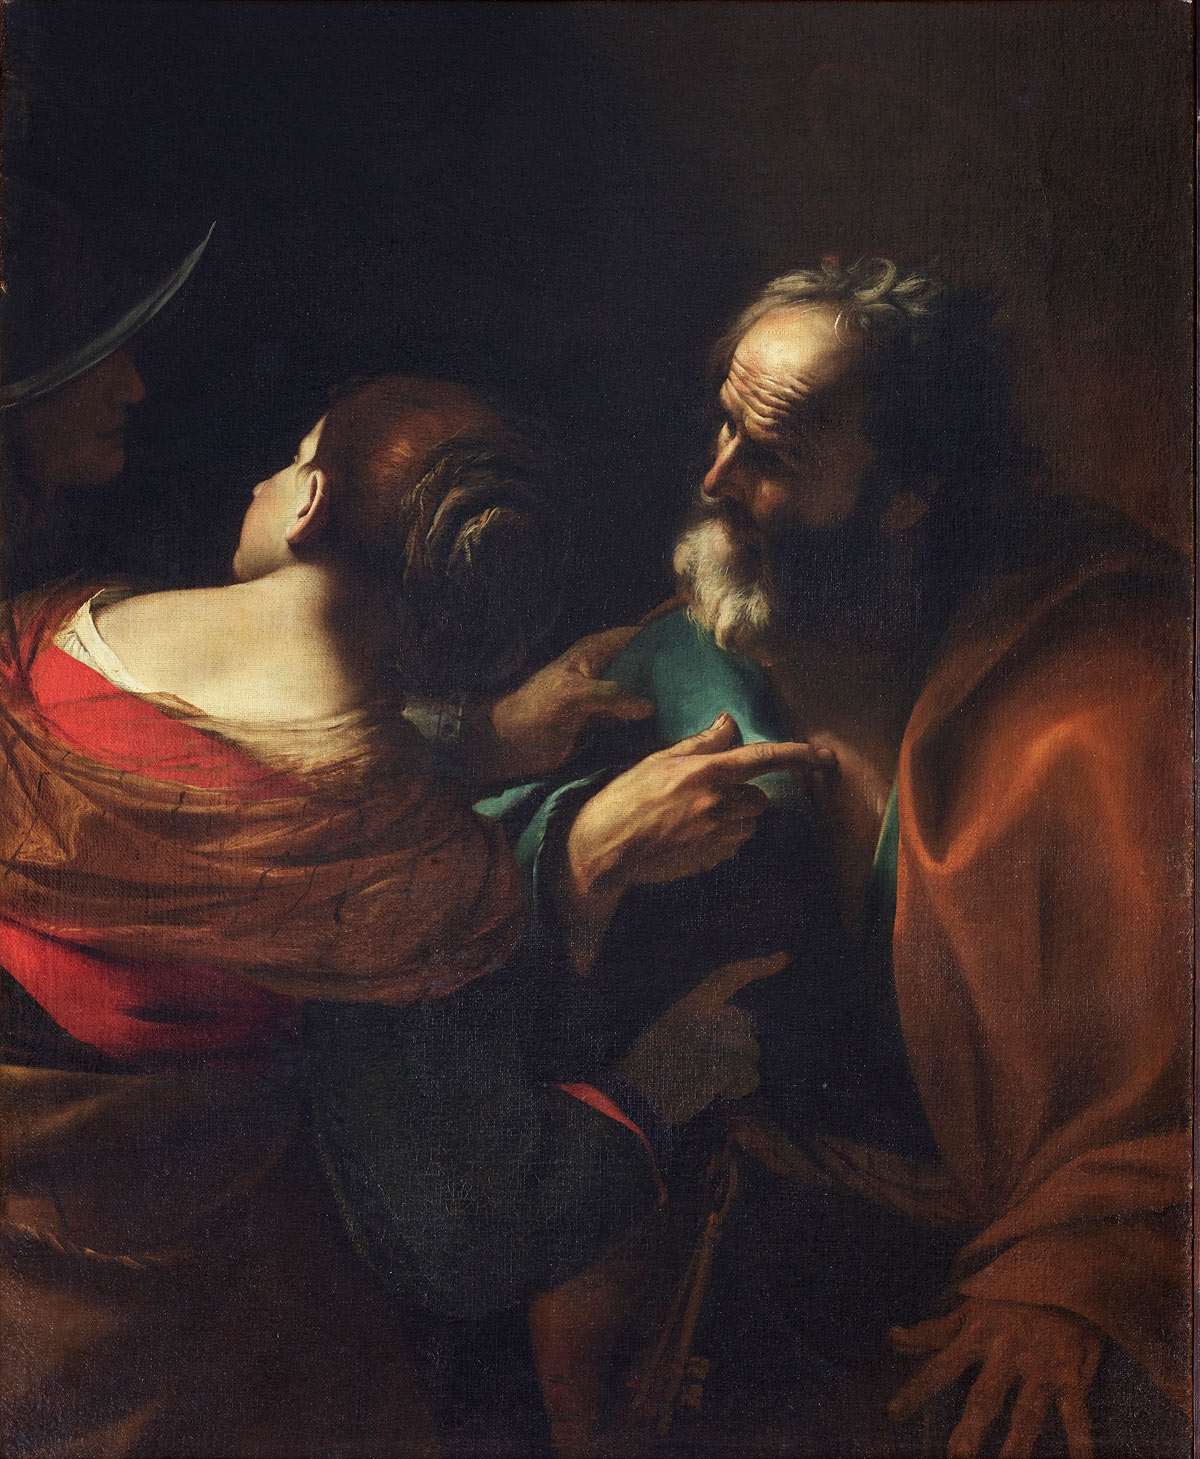 Mattia Preti, Negazione di Pietro (1635 circa; olio su tela, 126 x 97 cm; Roma, Gallerie Nazionale d'Arte Antica, Palazzo Barberini)